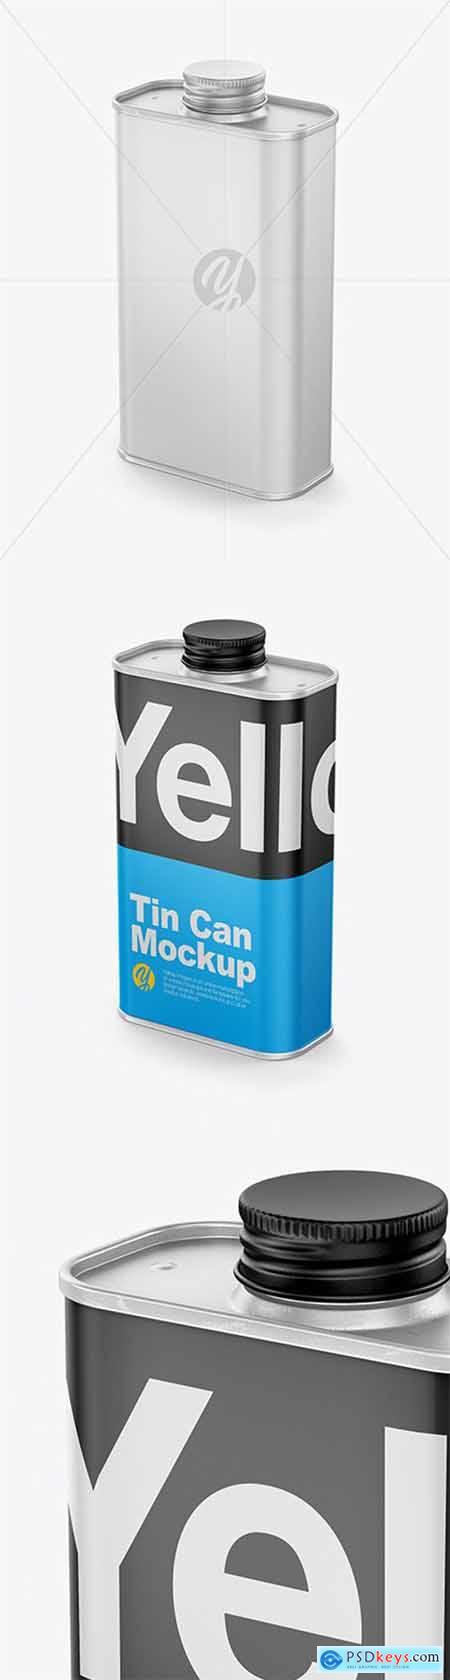 Glossy Tin Can Mockup 65204